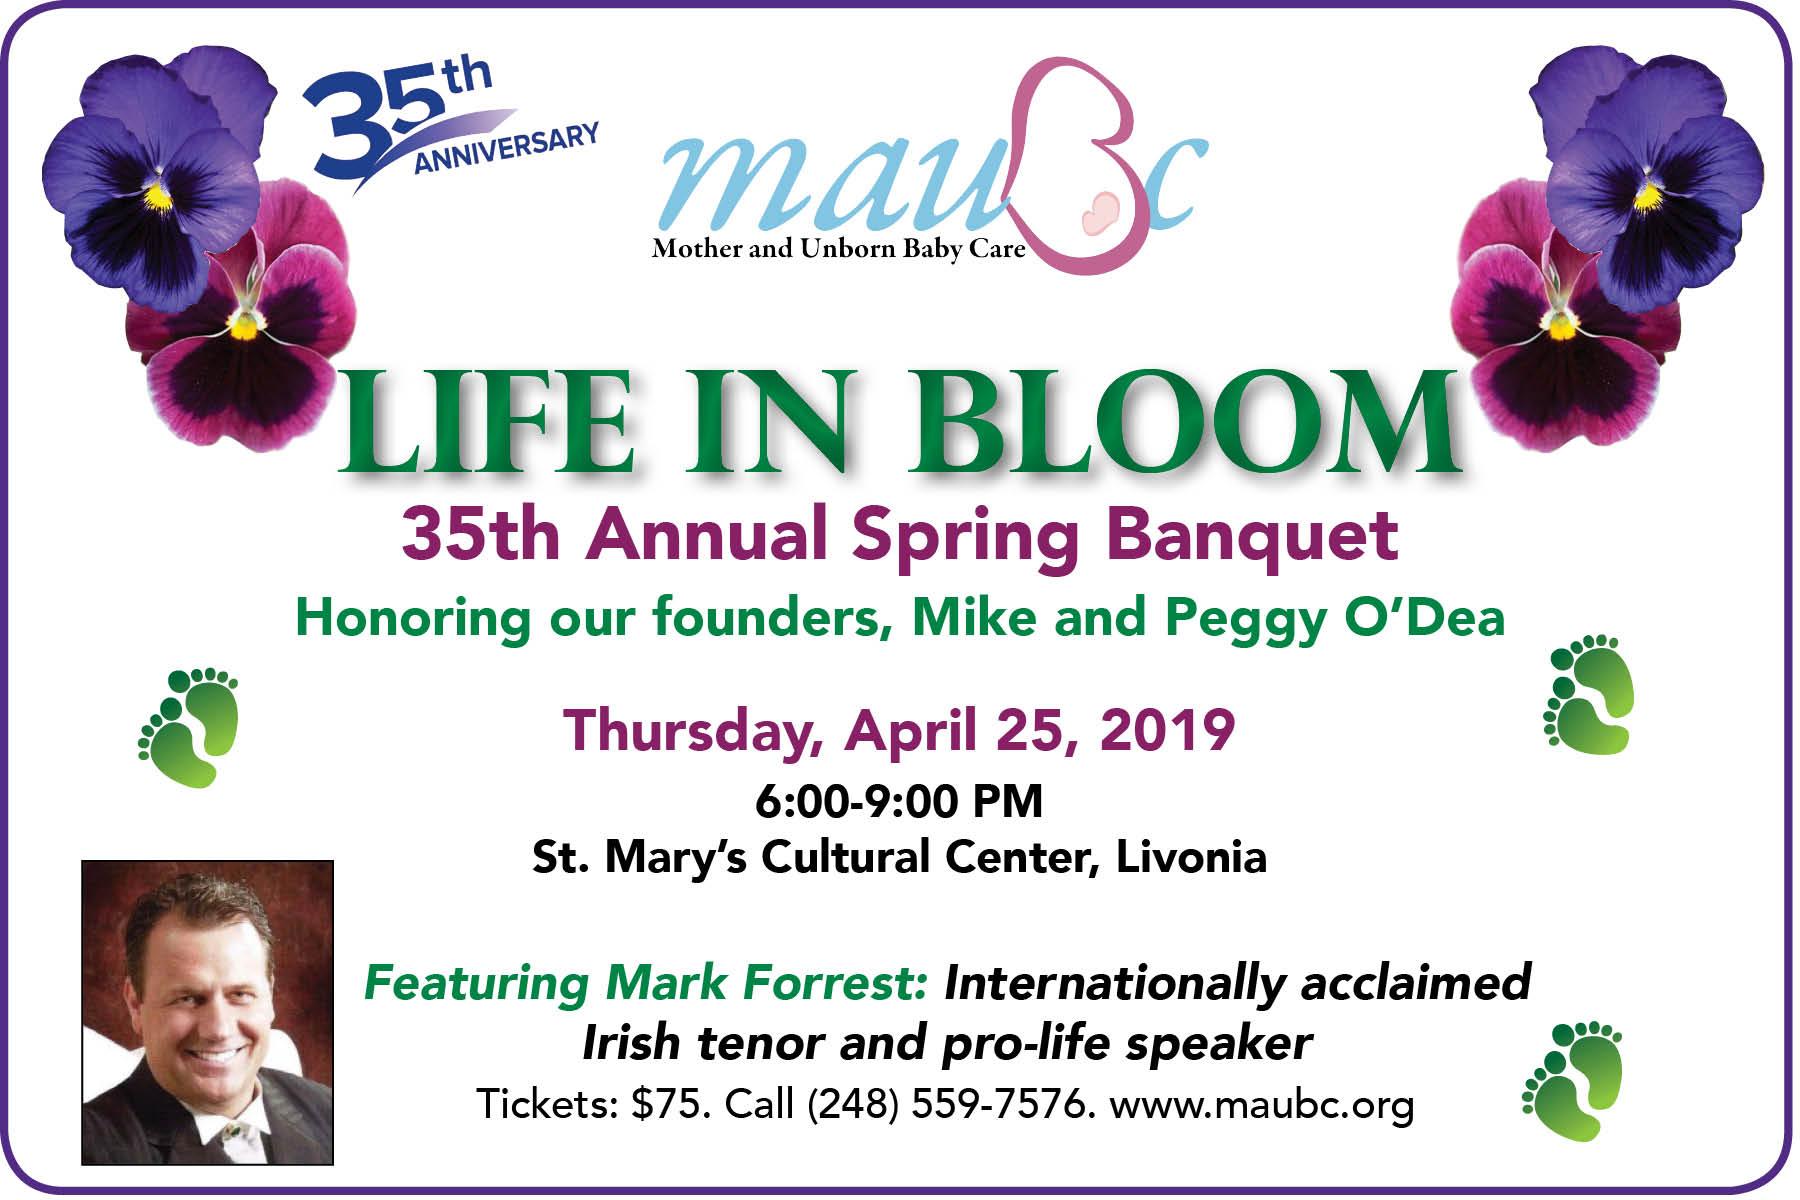 Spring Banquet 2019 35th Annual